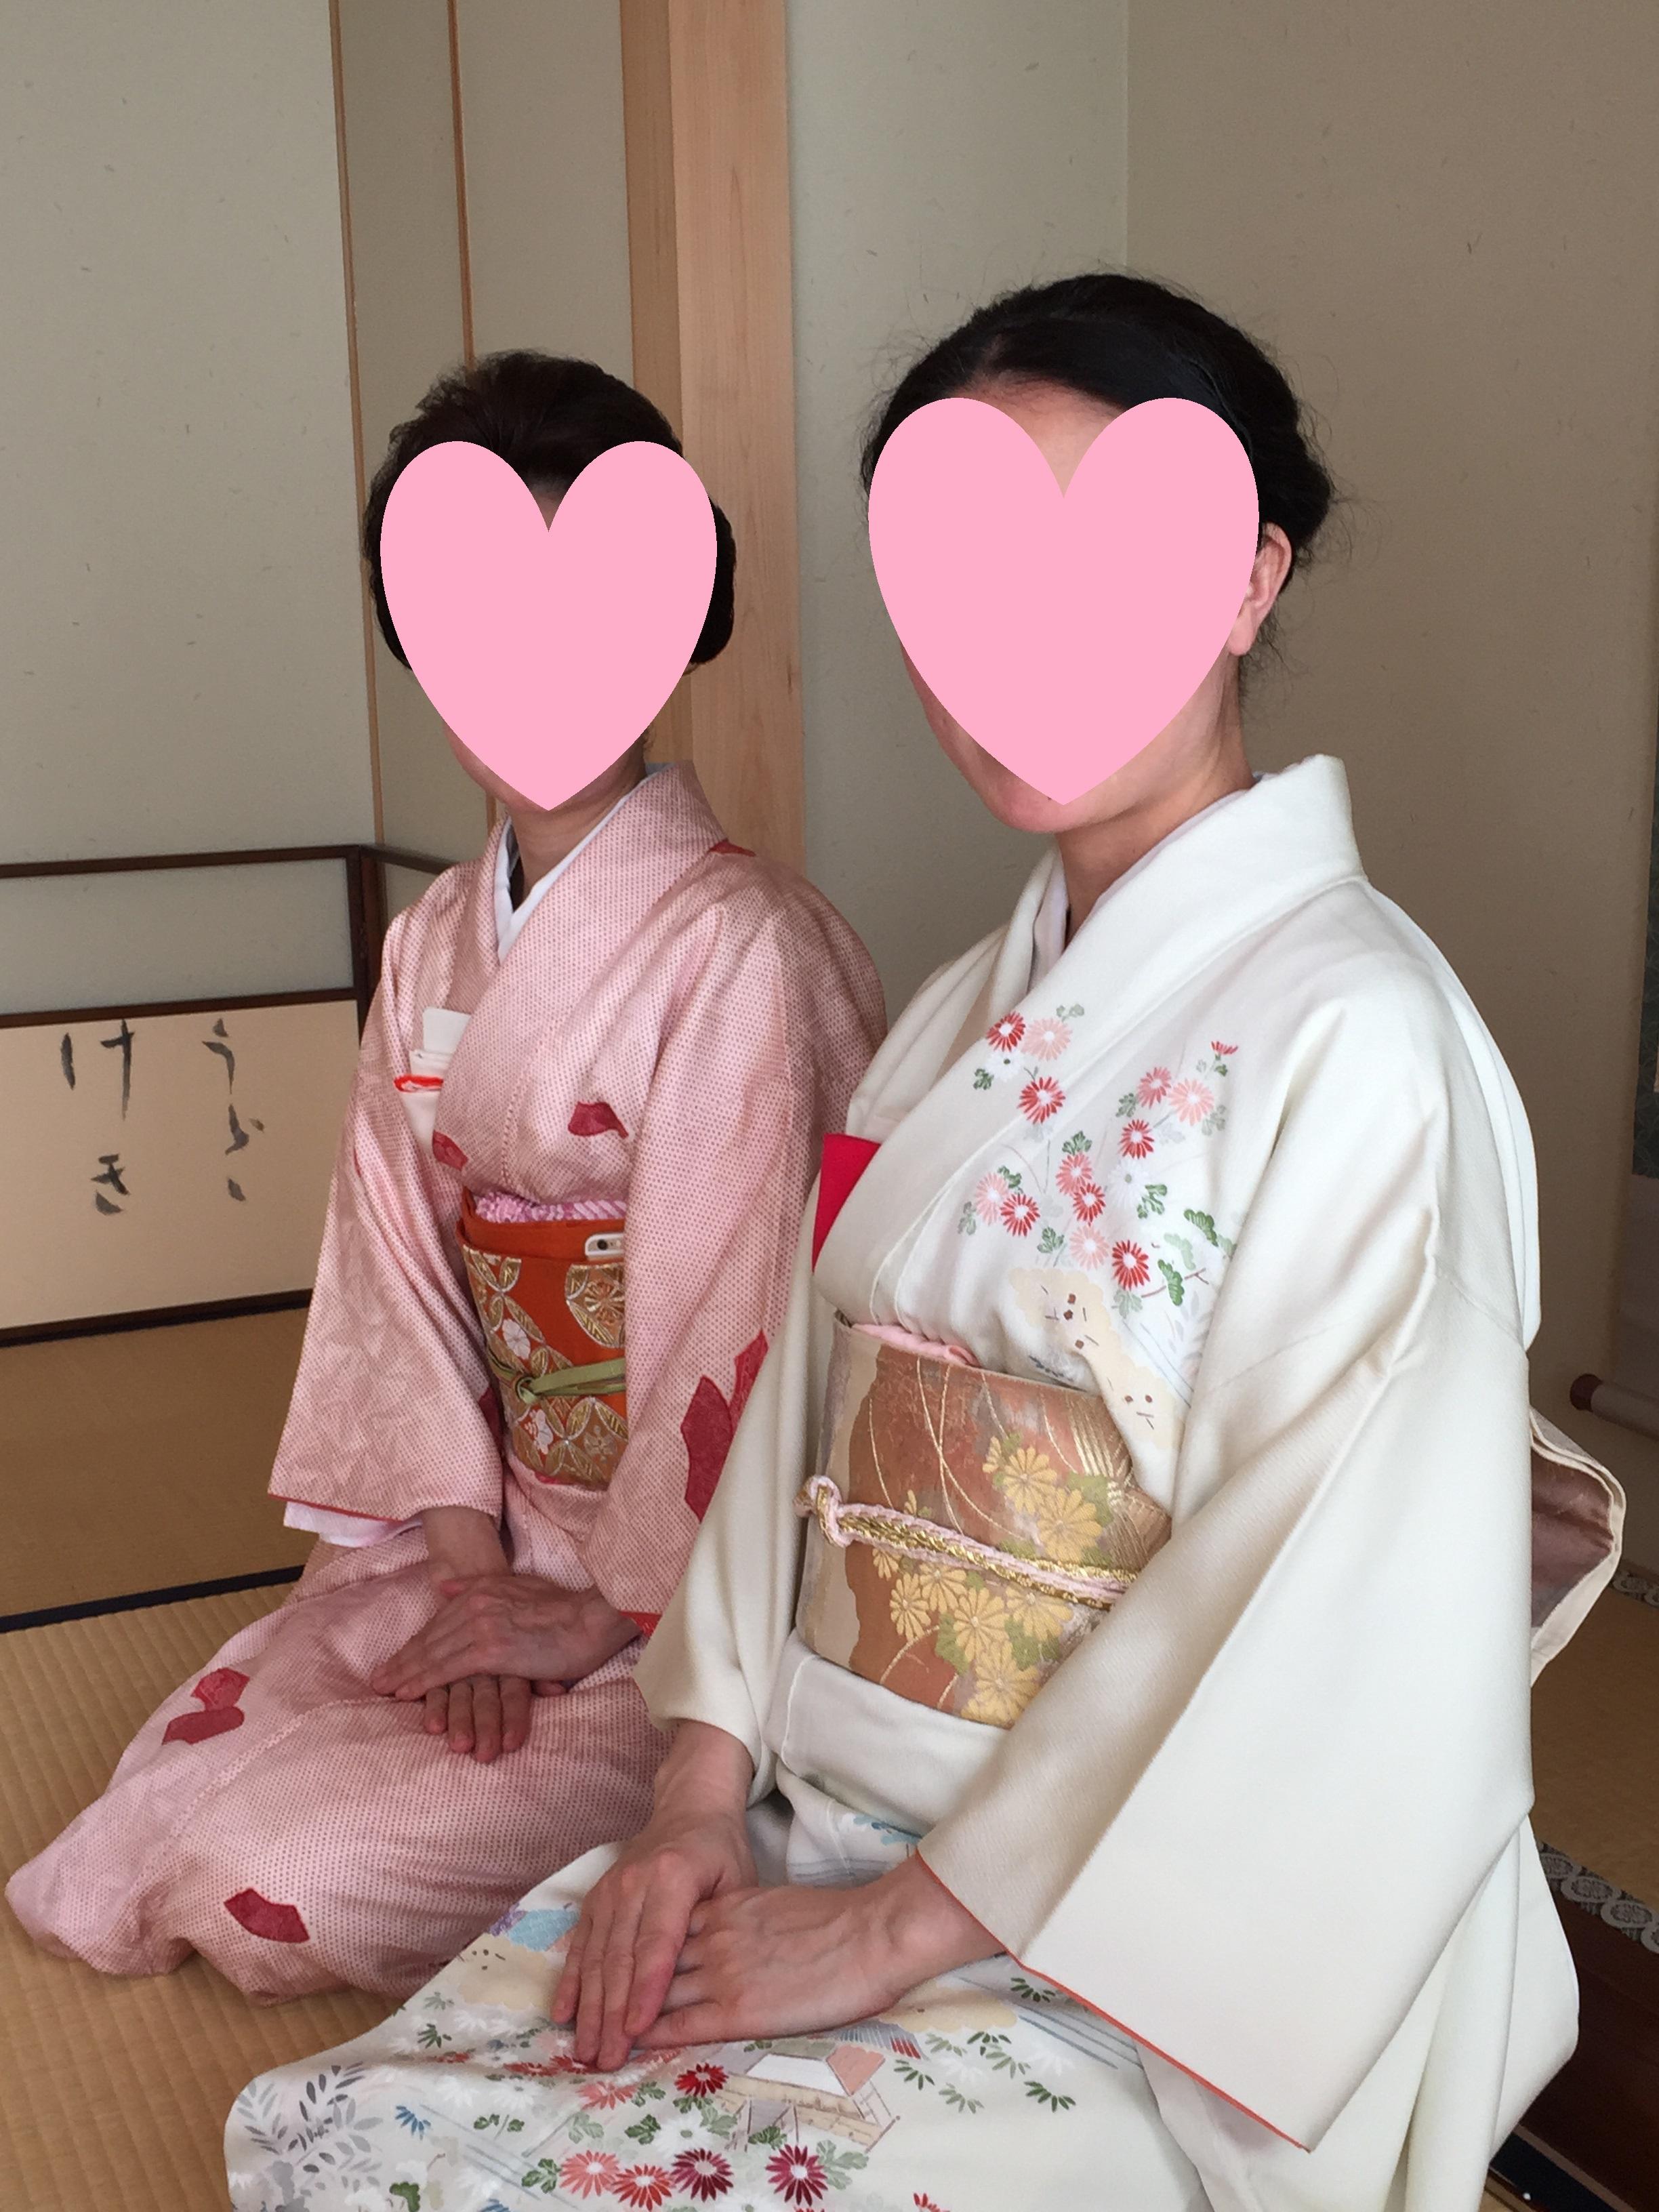 茶道のお稽古で女磨き中♪継続は力なり 4月で6年目となりました♪